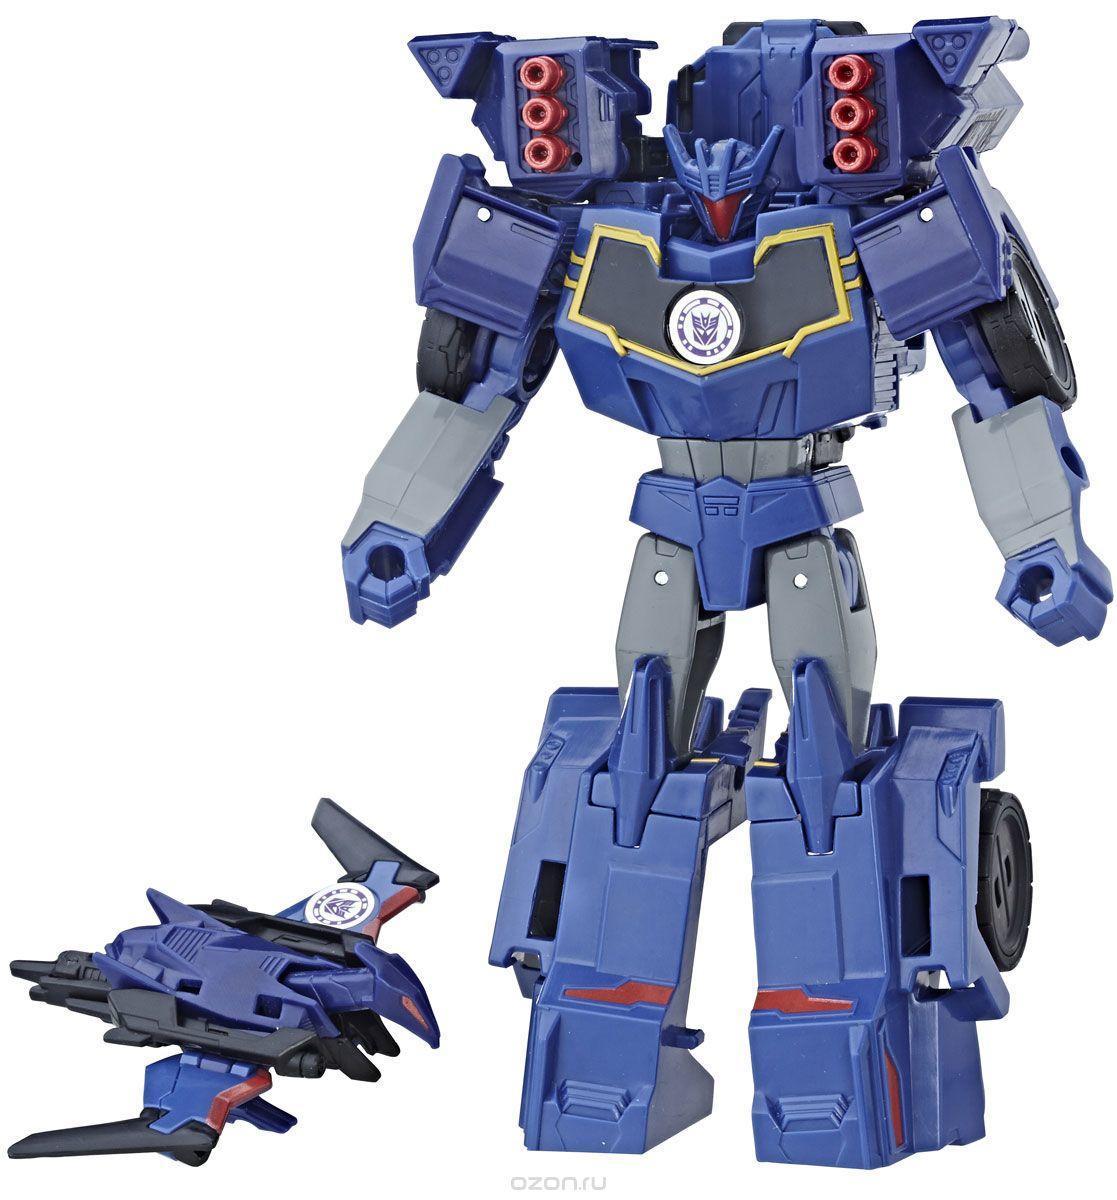 Трансформер Hasbro Transformers Саундвейв и Лазербик. Гирхэд-Комбайнер (Роботы под прикрытием) C2353